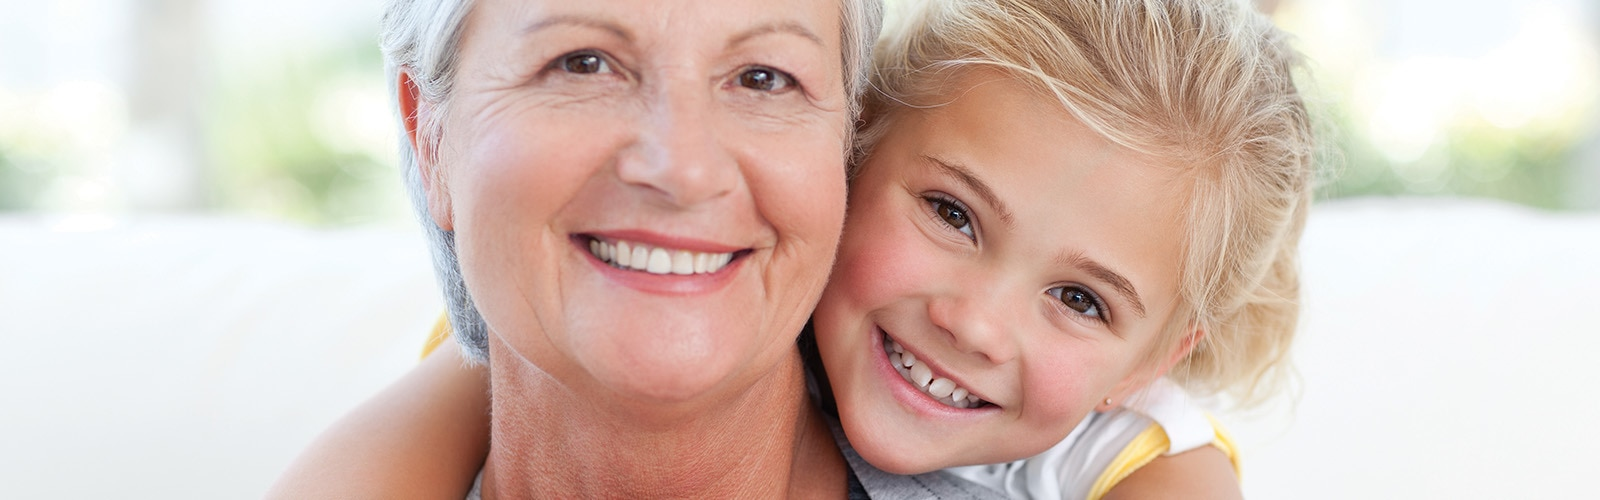 Uma mãe sorridente com o seu filho feliz e confiante a abraçá-la por trás.